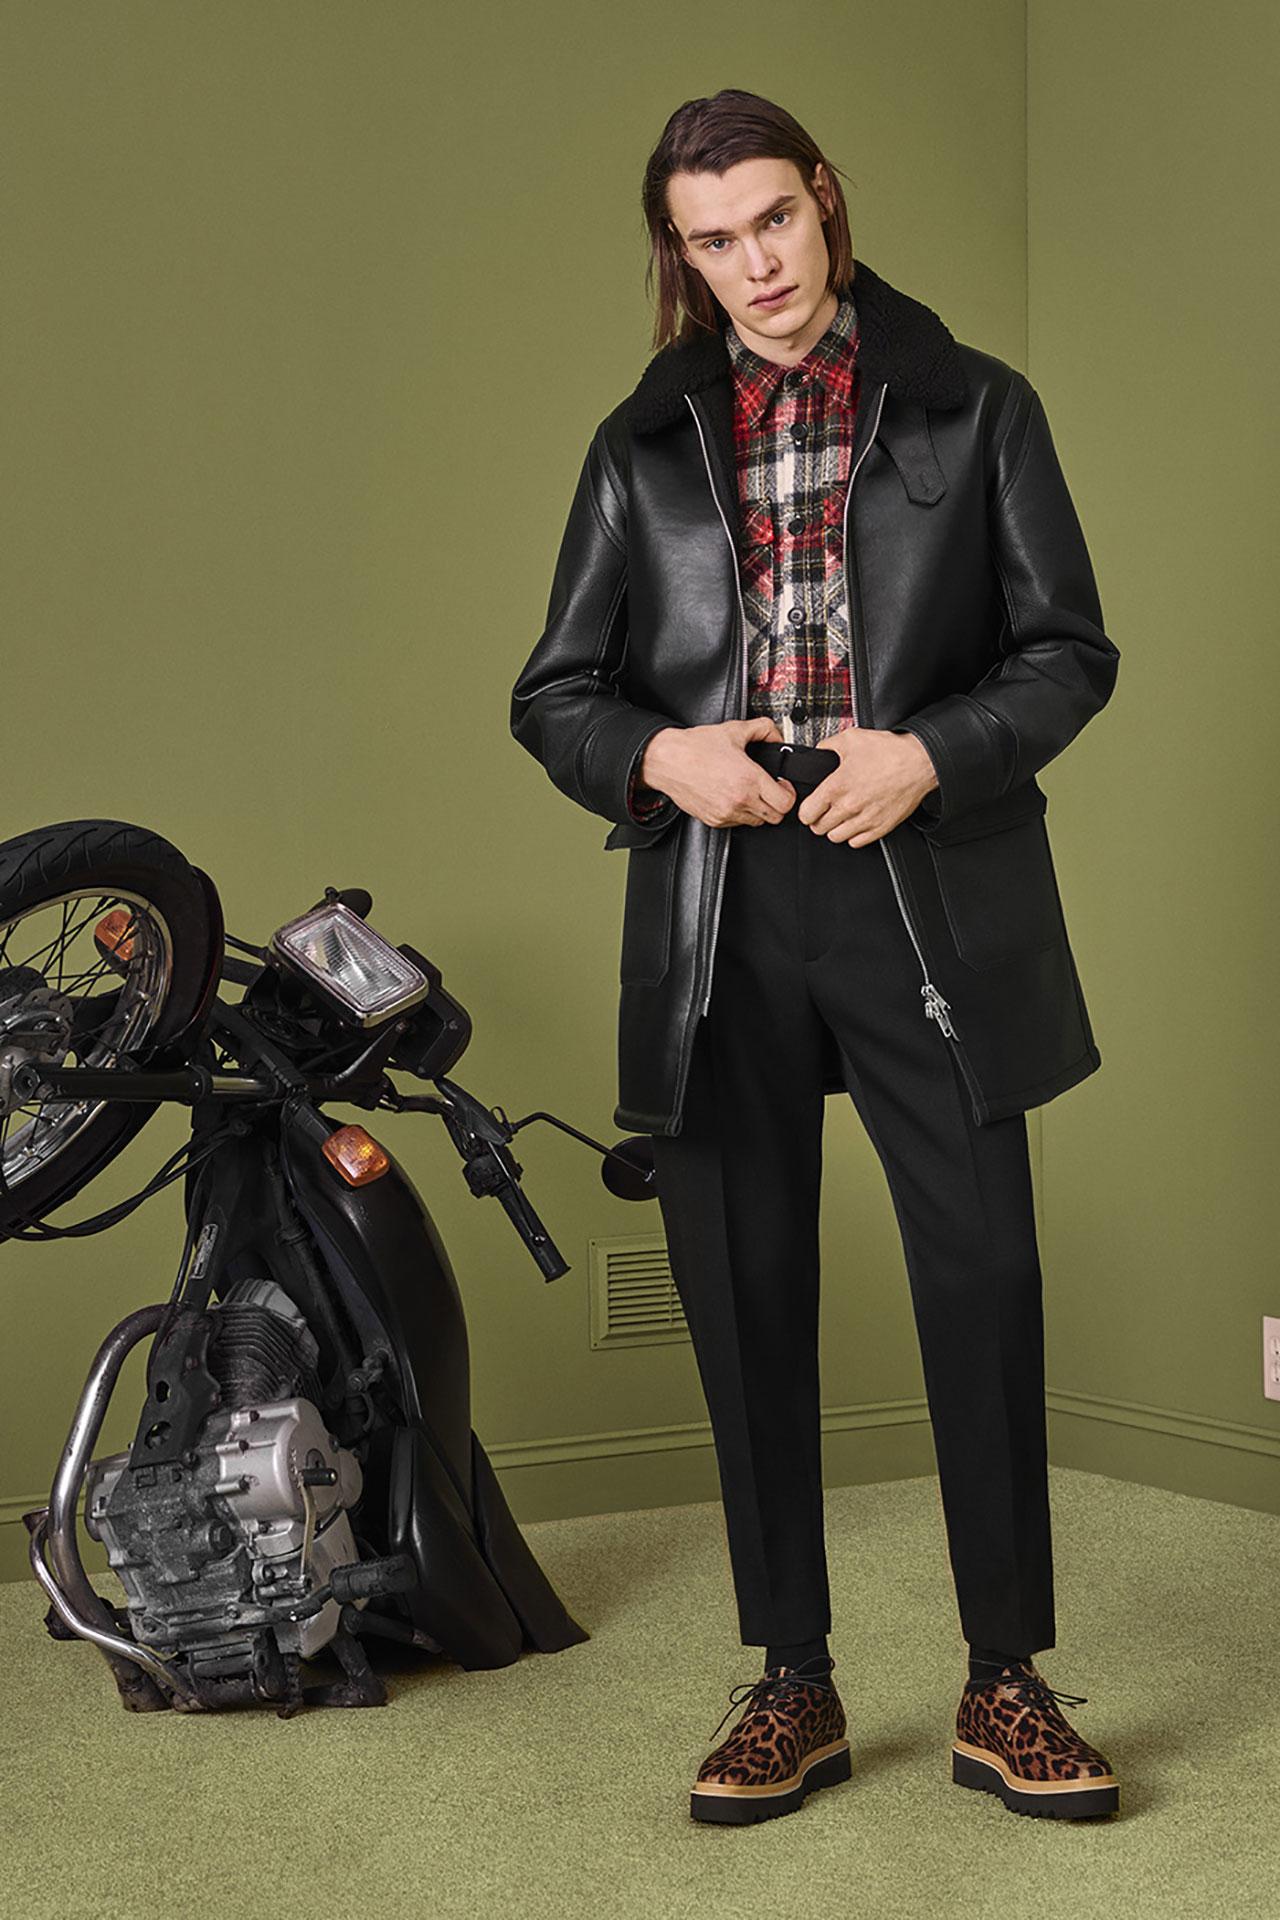 コート ¥204,000、シャツ ¥103,000、トラウザーズ ¥78,000、シューズ ¥75,000 | ©️ Stella McCartney